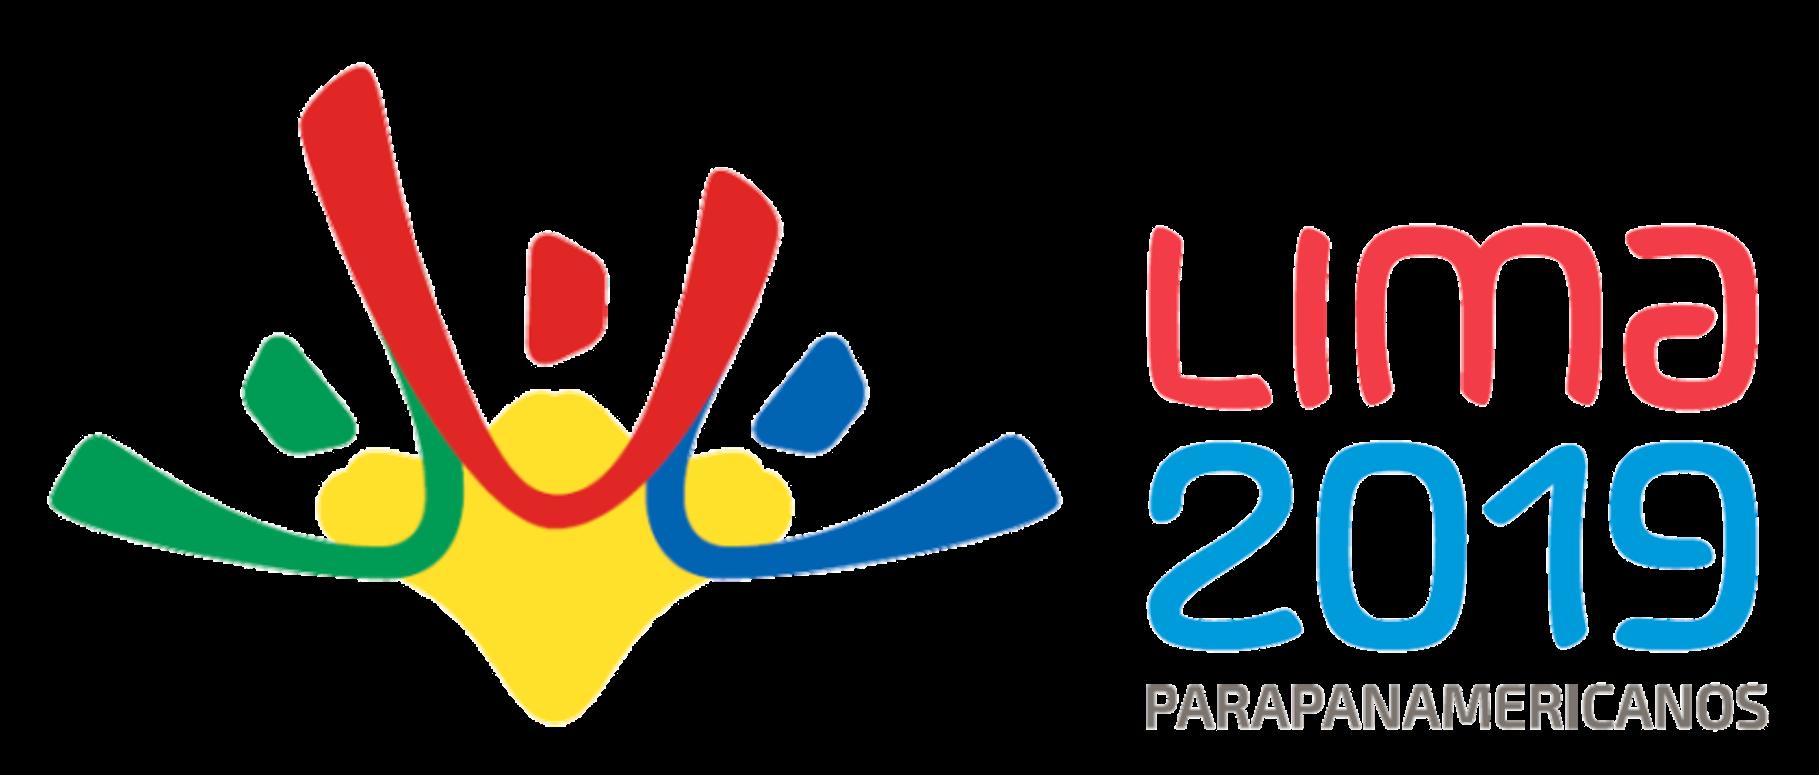 Calendario Juegos Panamericanos Lima 2019 Entradas.Juegos Parapanamericanos De 2019 Wikipedia La